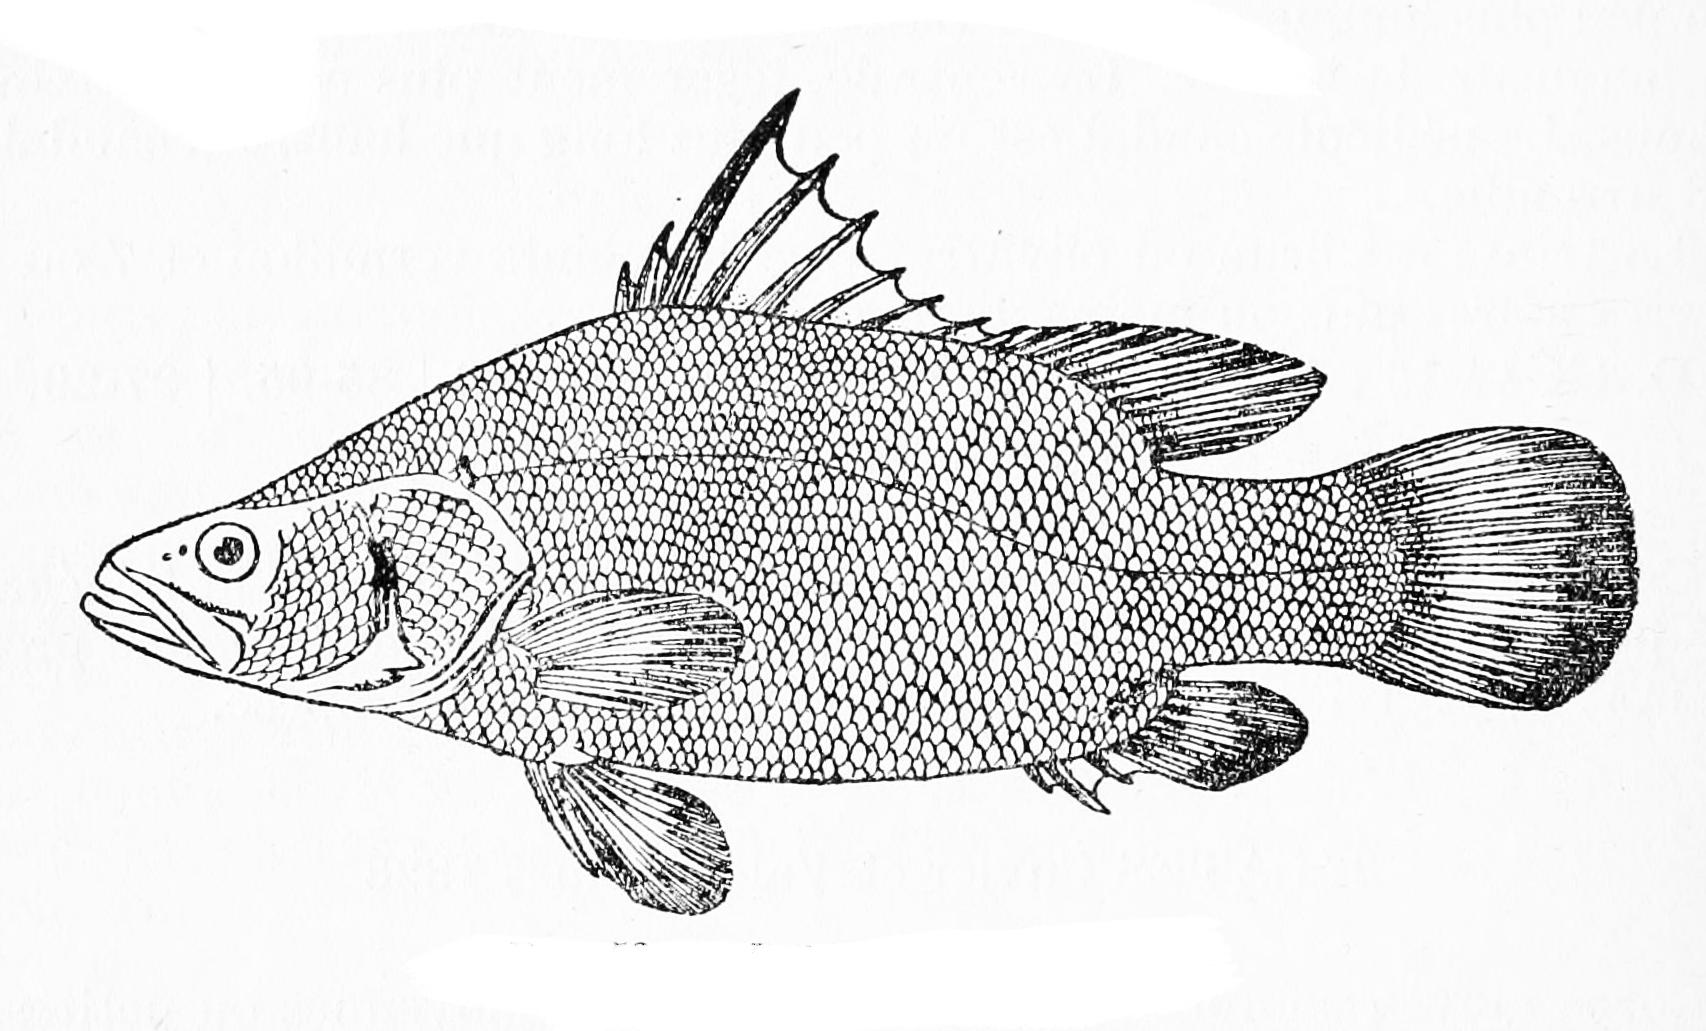 Nile perch - Wikipedia